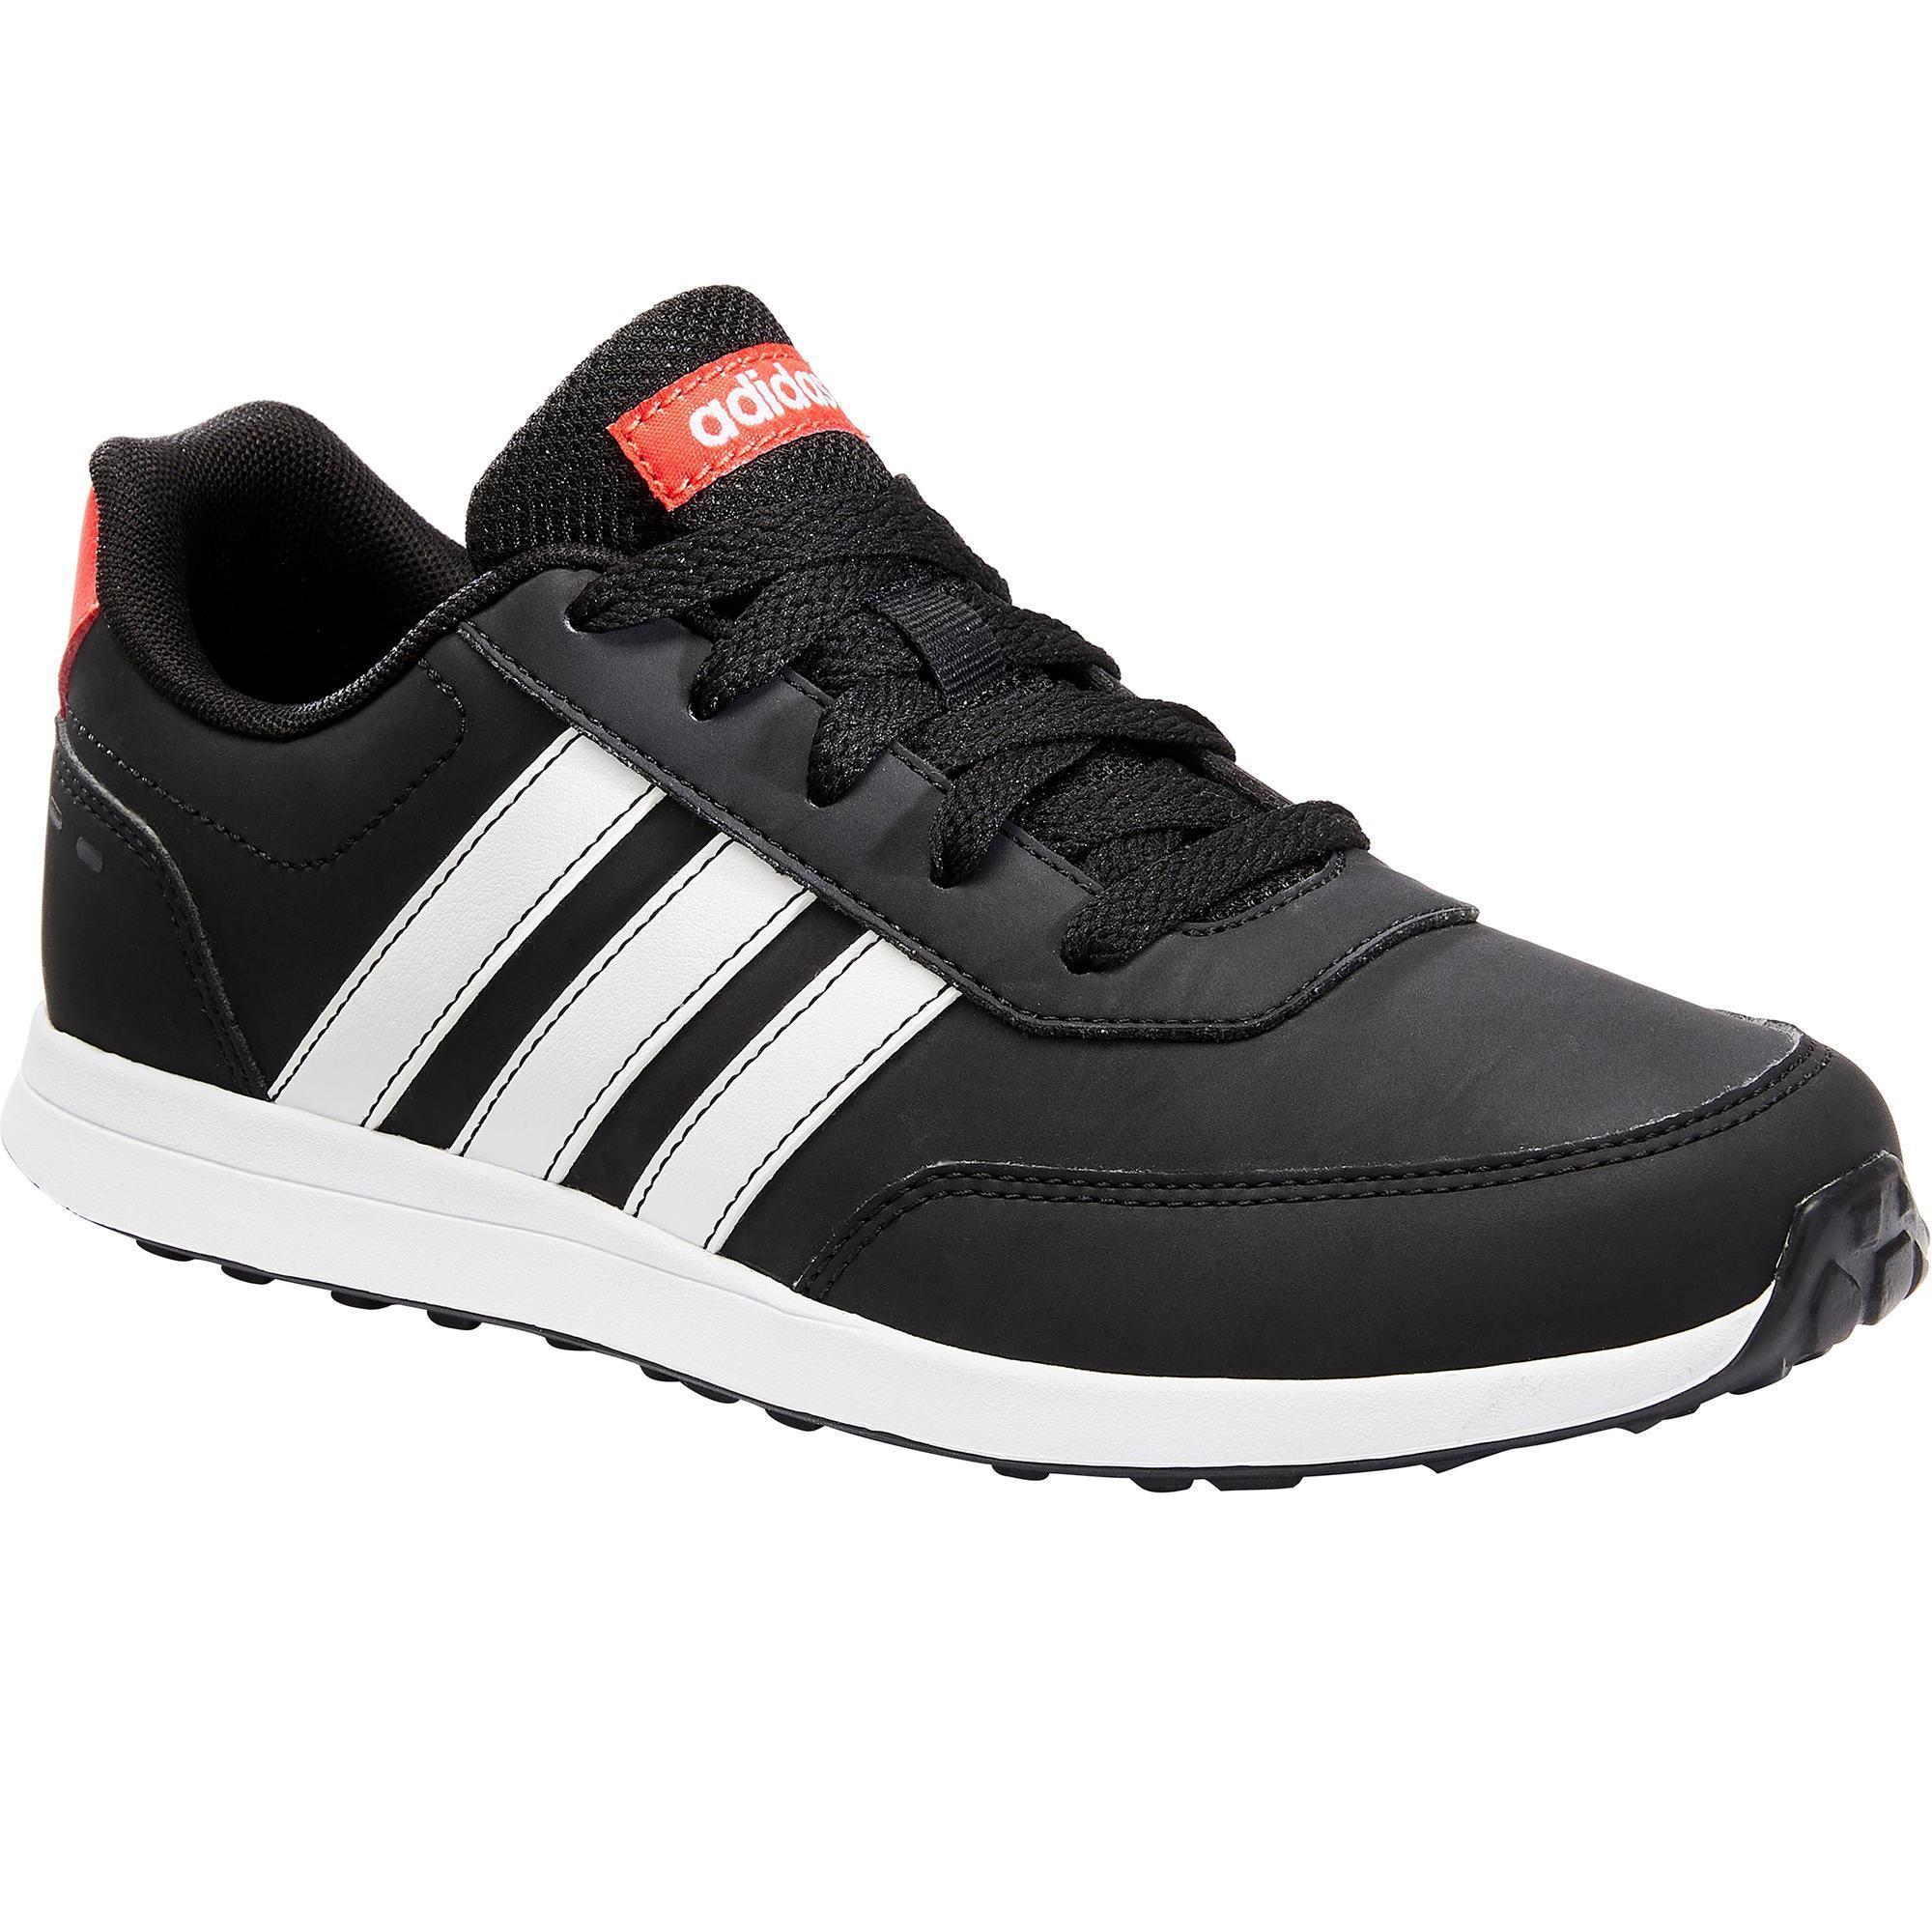 1fbc8d7a06 Comprar calzado deportivo para niños y bebés online| Decathlon